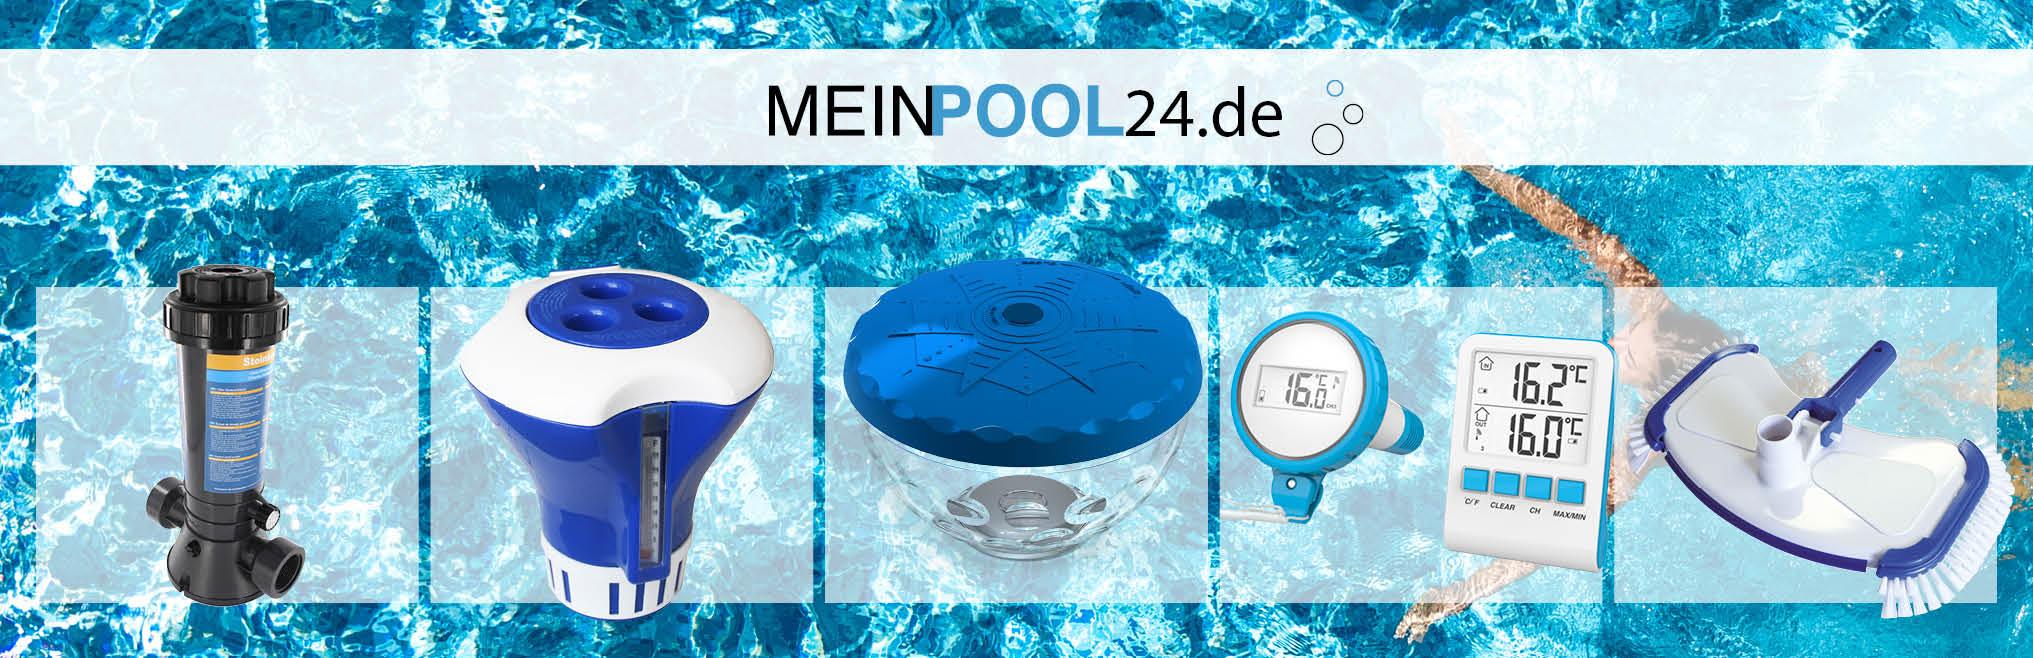 Banner Pooltechnik & Zubehör